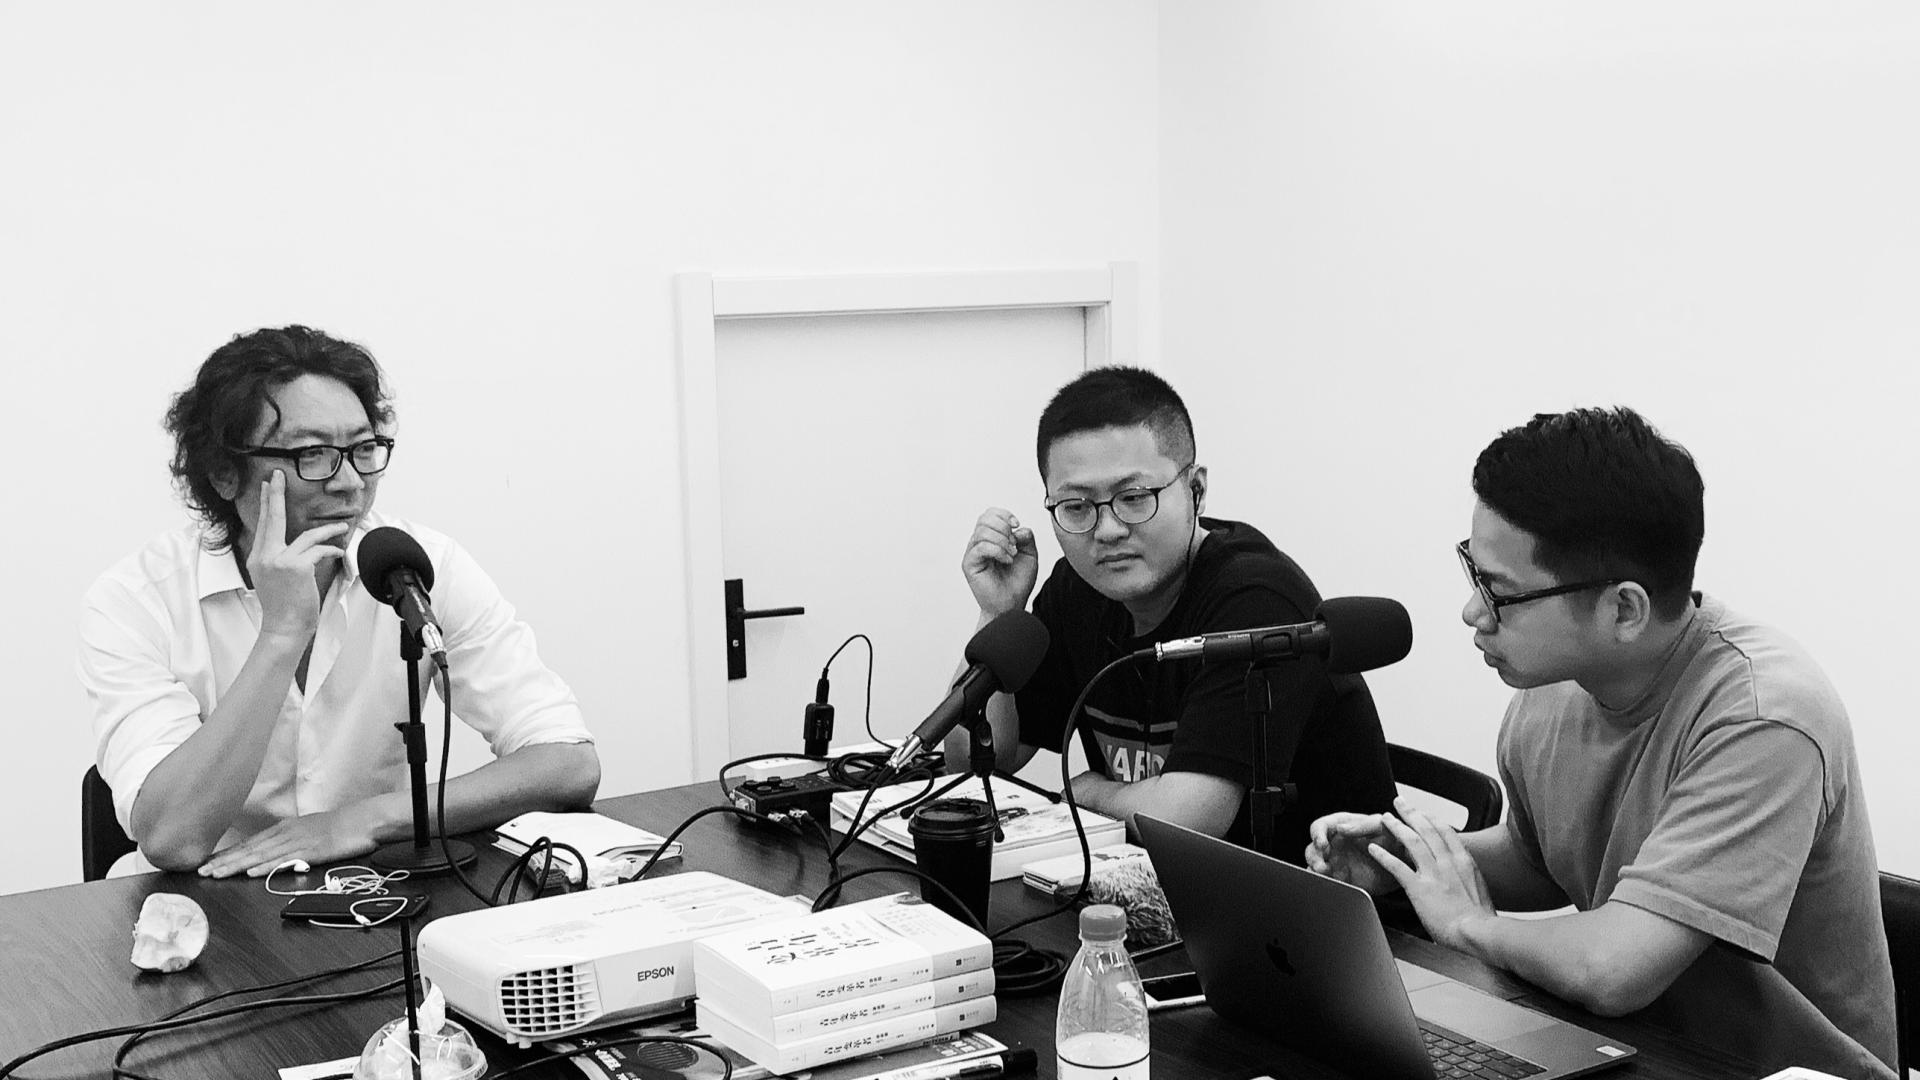 「利器x播客」访谈《忽左忽右》:当做播客最初的新鲜感和表达欲被满足后,接下来呢?